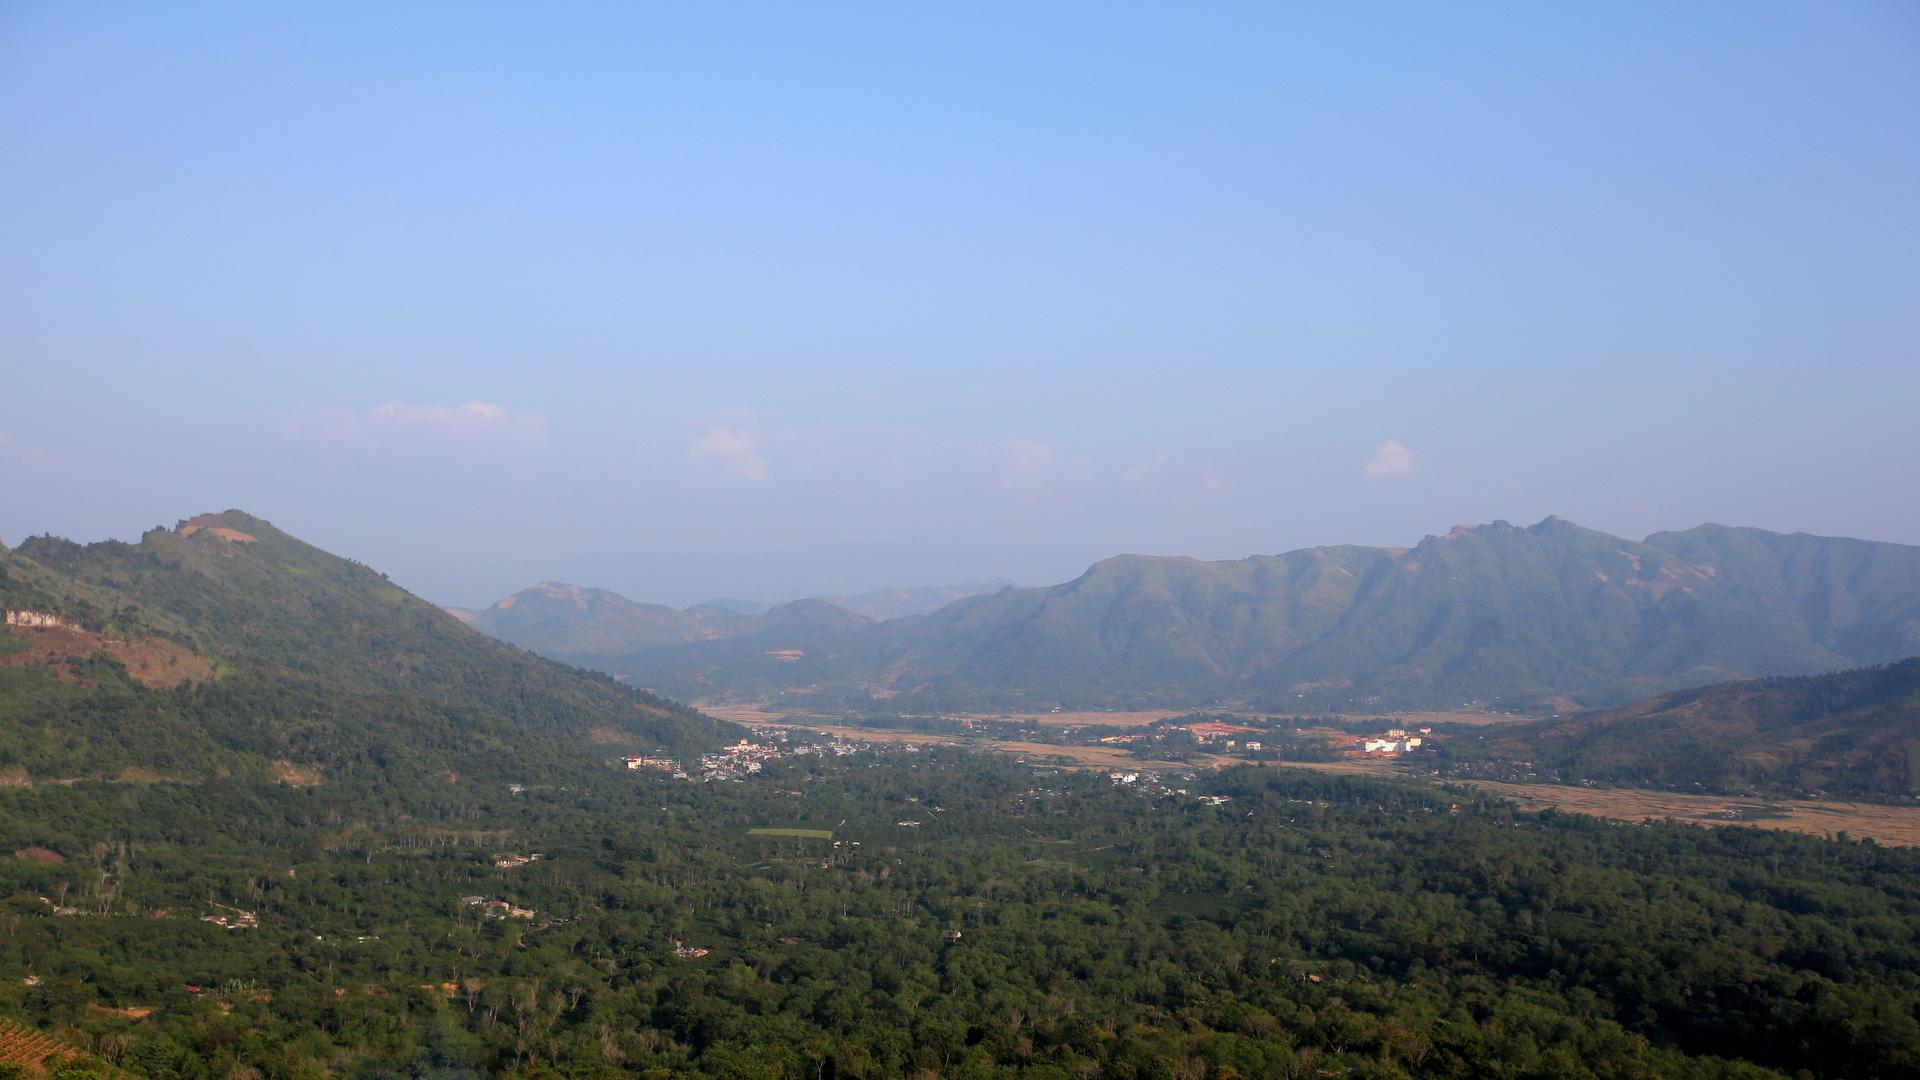 Điện Biên: Thủ phủ gỗ Nghiến được bảo vệ nghiêm ngặt nhất - Ảnh 3.